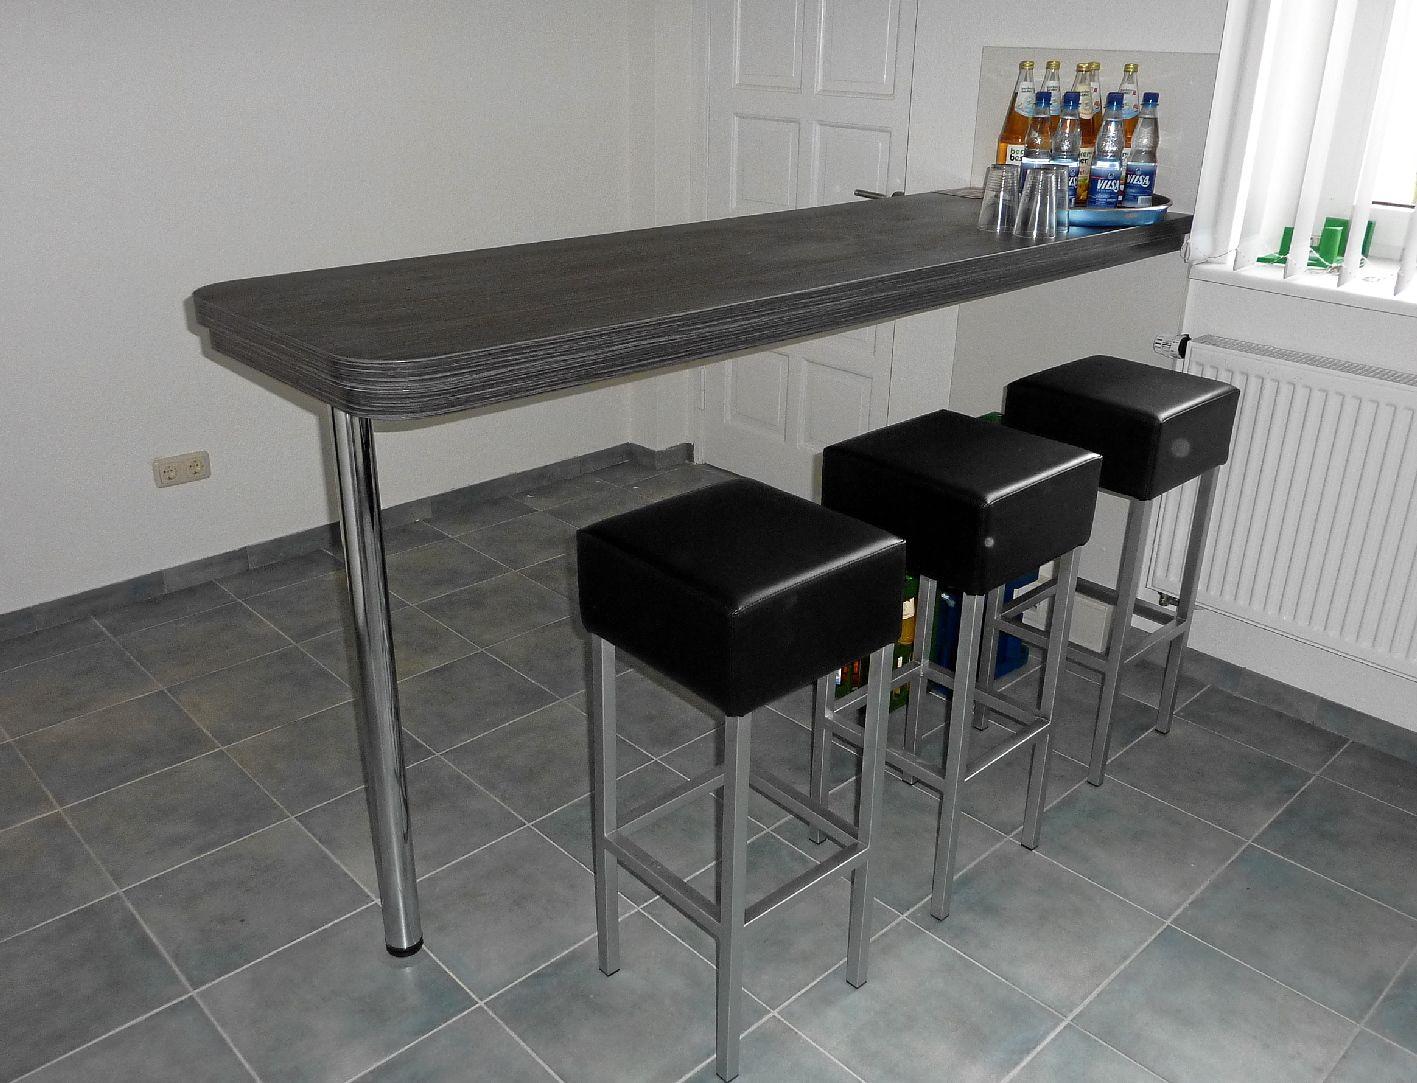 Full Size of Küchen Bartisch Kche Mit Barcharakter Bildern Schmaler Tisch Regal Küche Wohnzimmer Küchen Bartisch